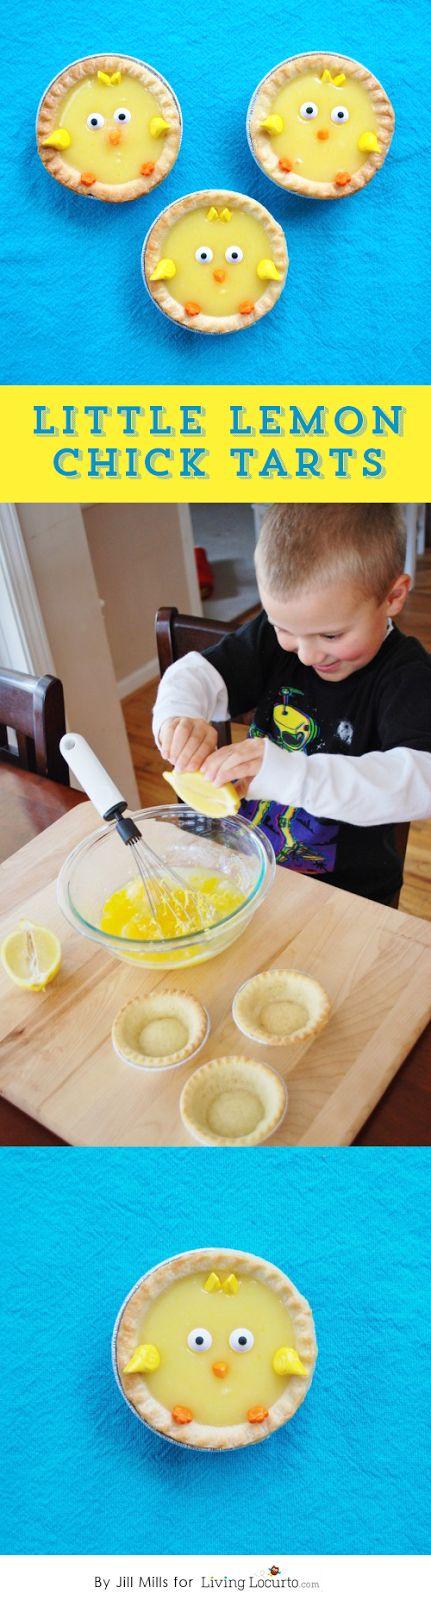 Little Lemon Chick Tarts